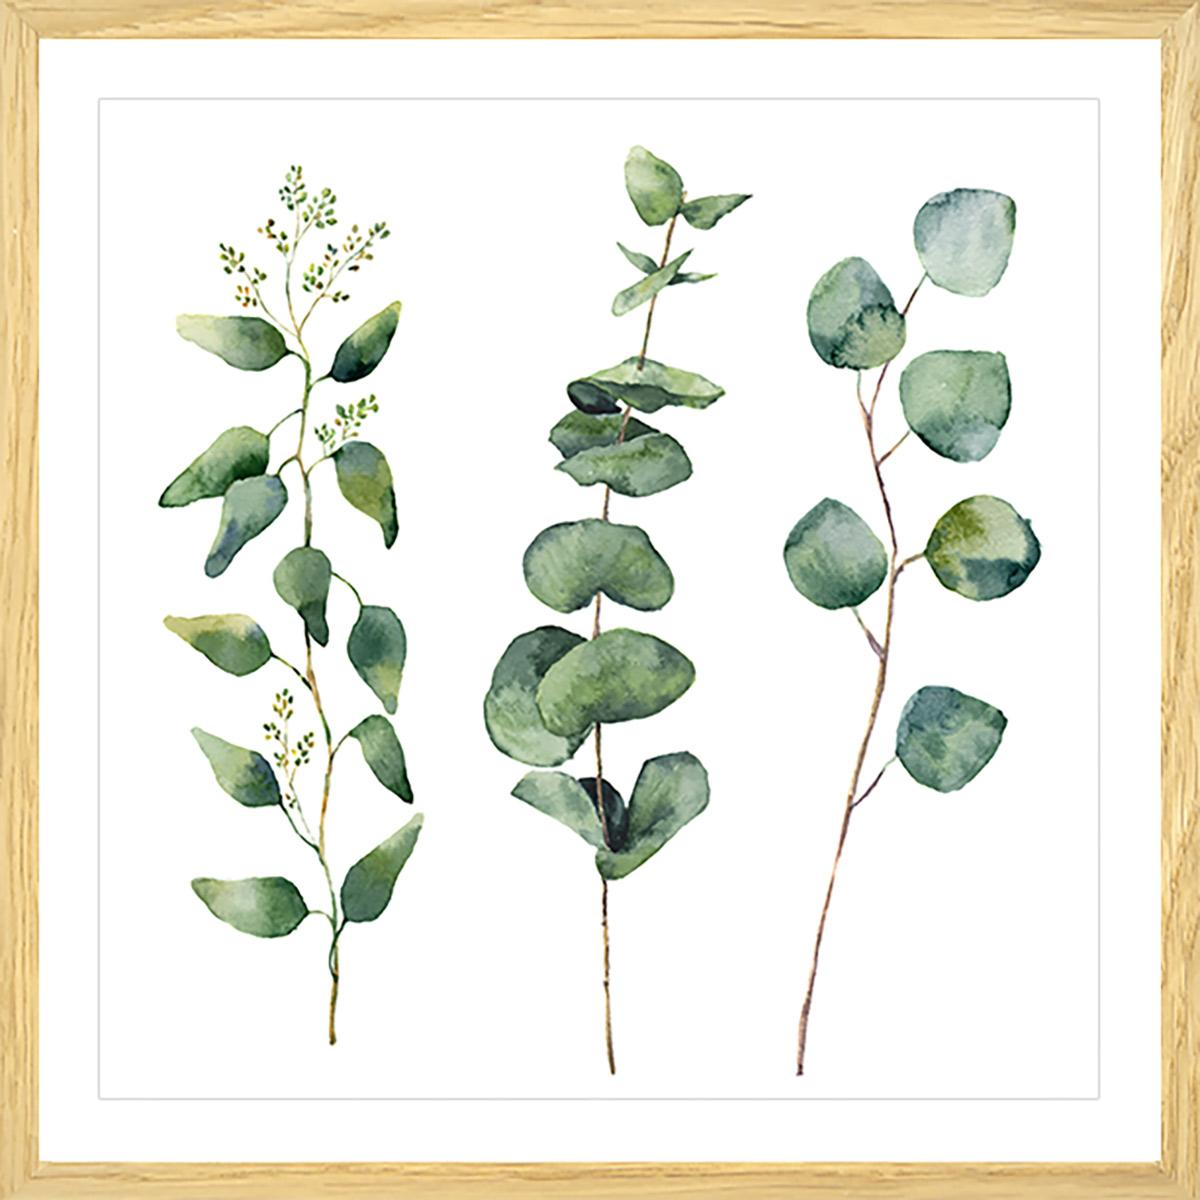 Affiche aquarelle eucalyptus Affiche sous cadre bois